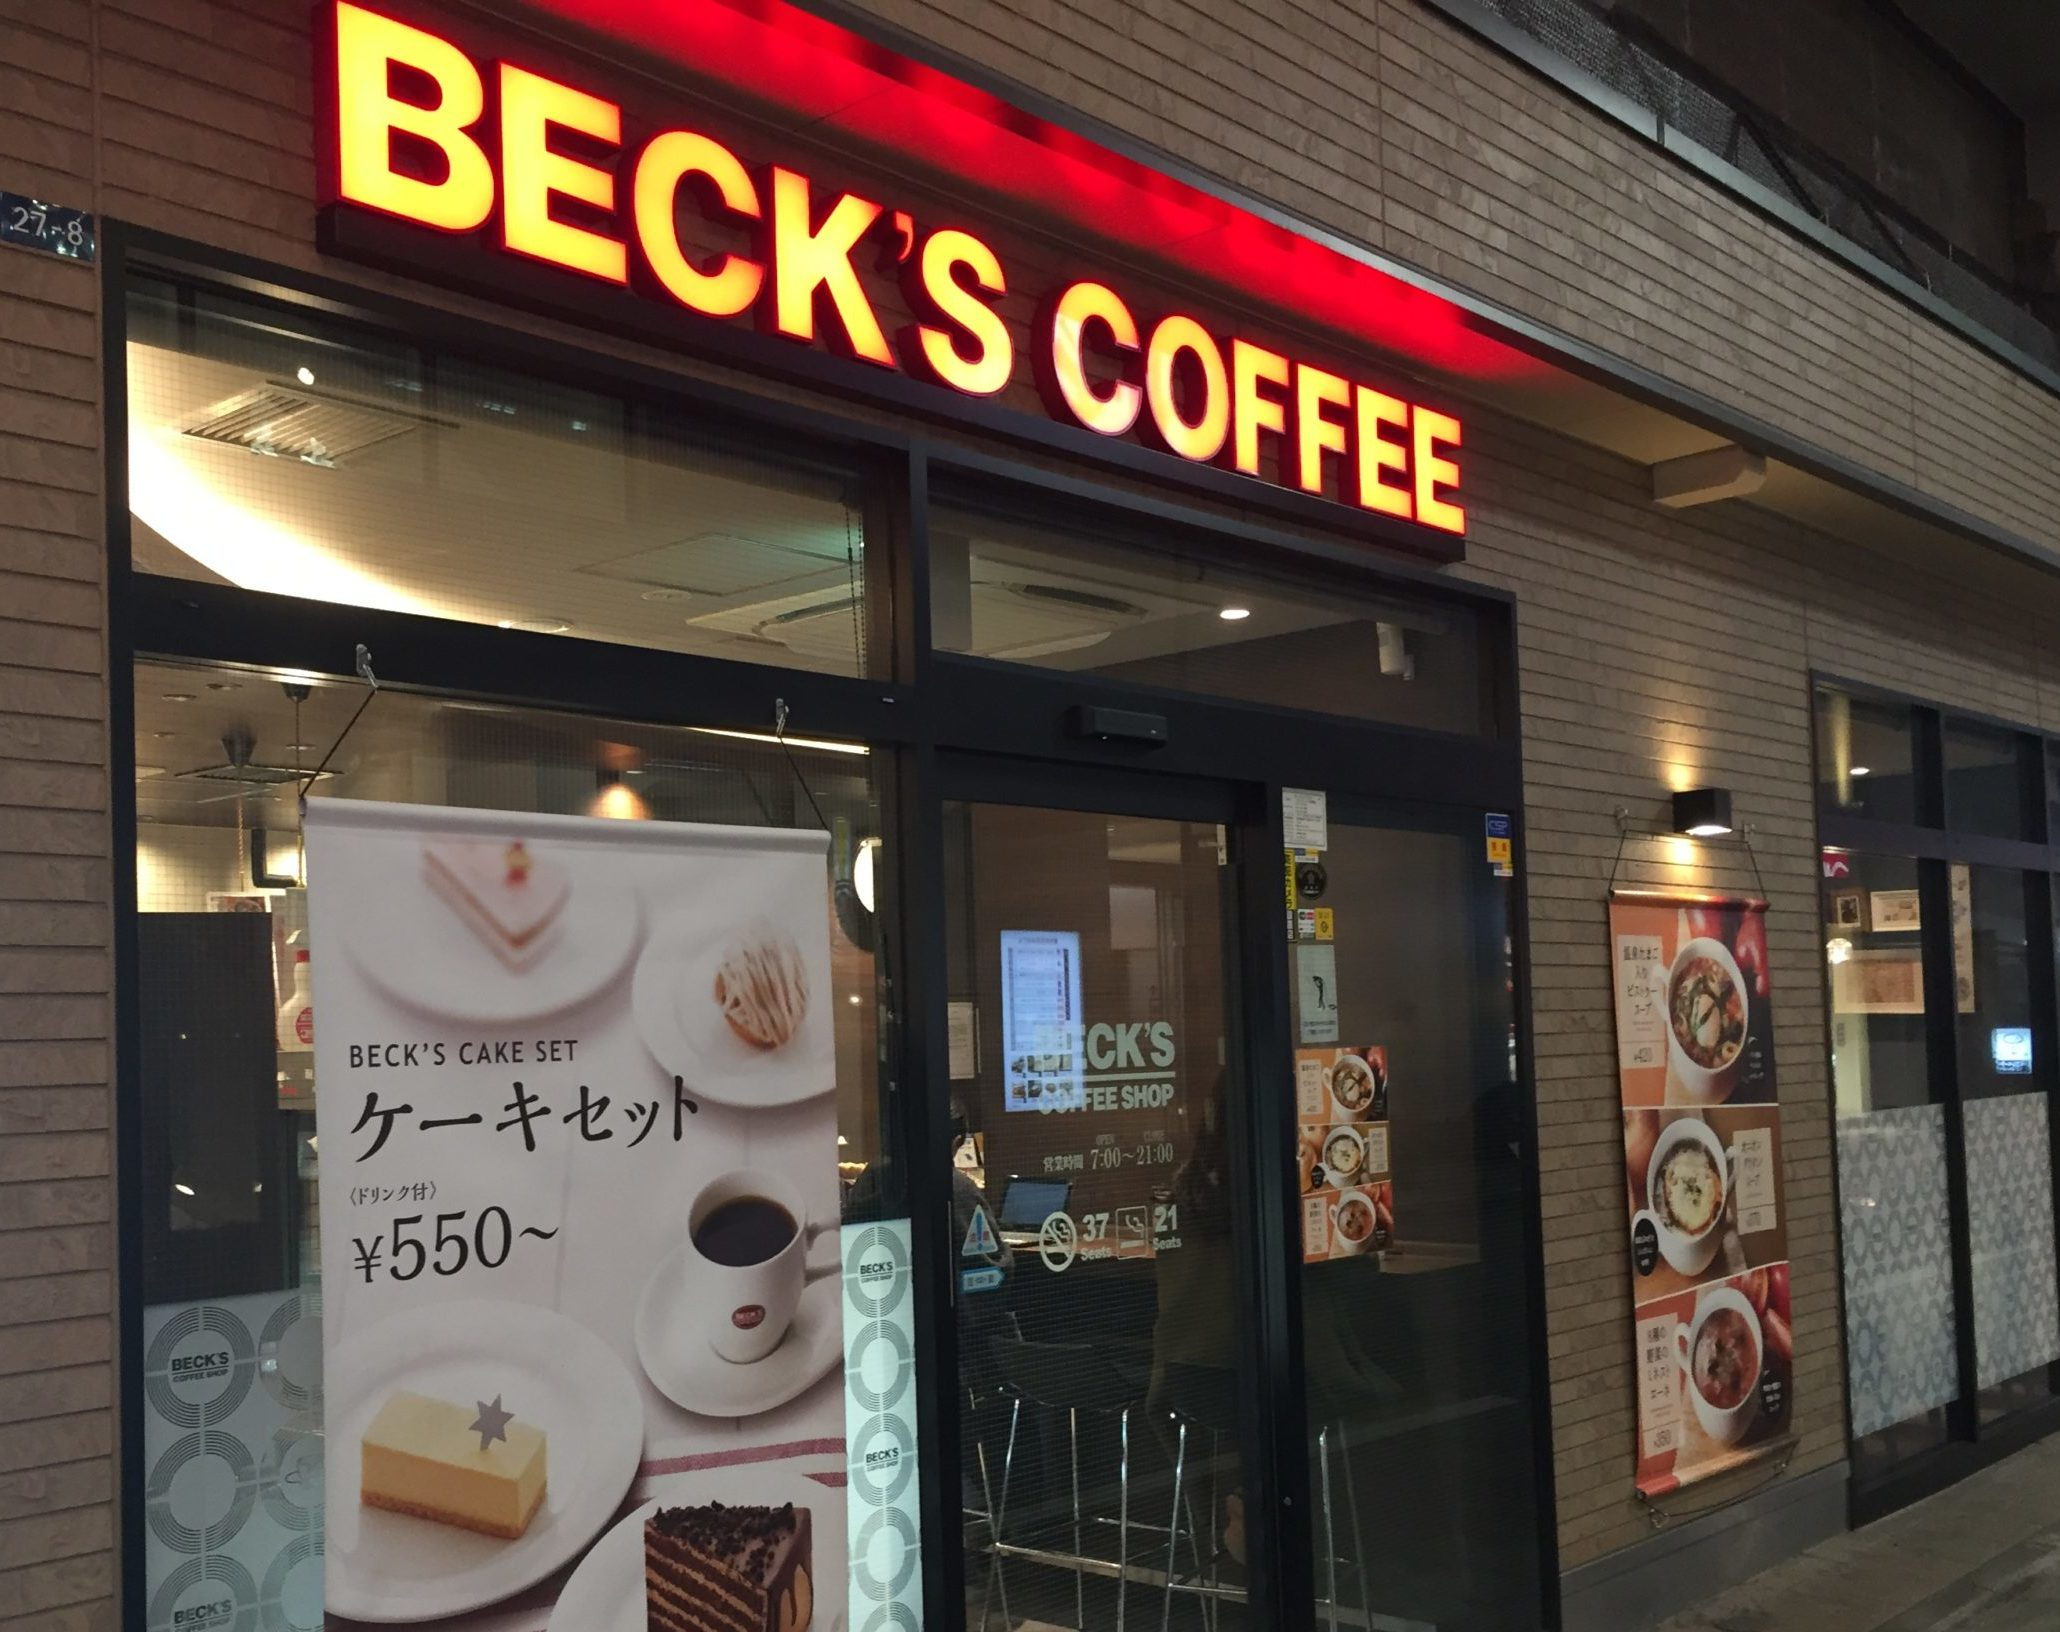 荻窪駅西口 電源カフェ ベックスコーヒーショップ 荻窪店 Wi-Fi